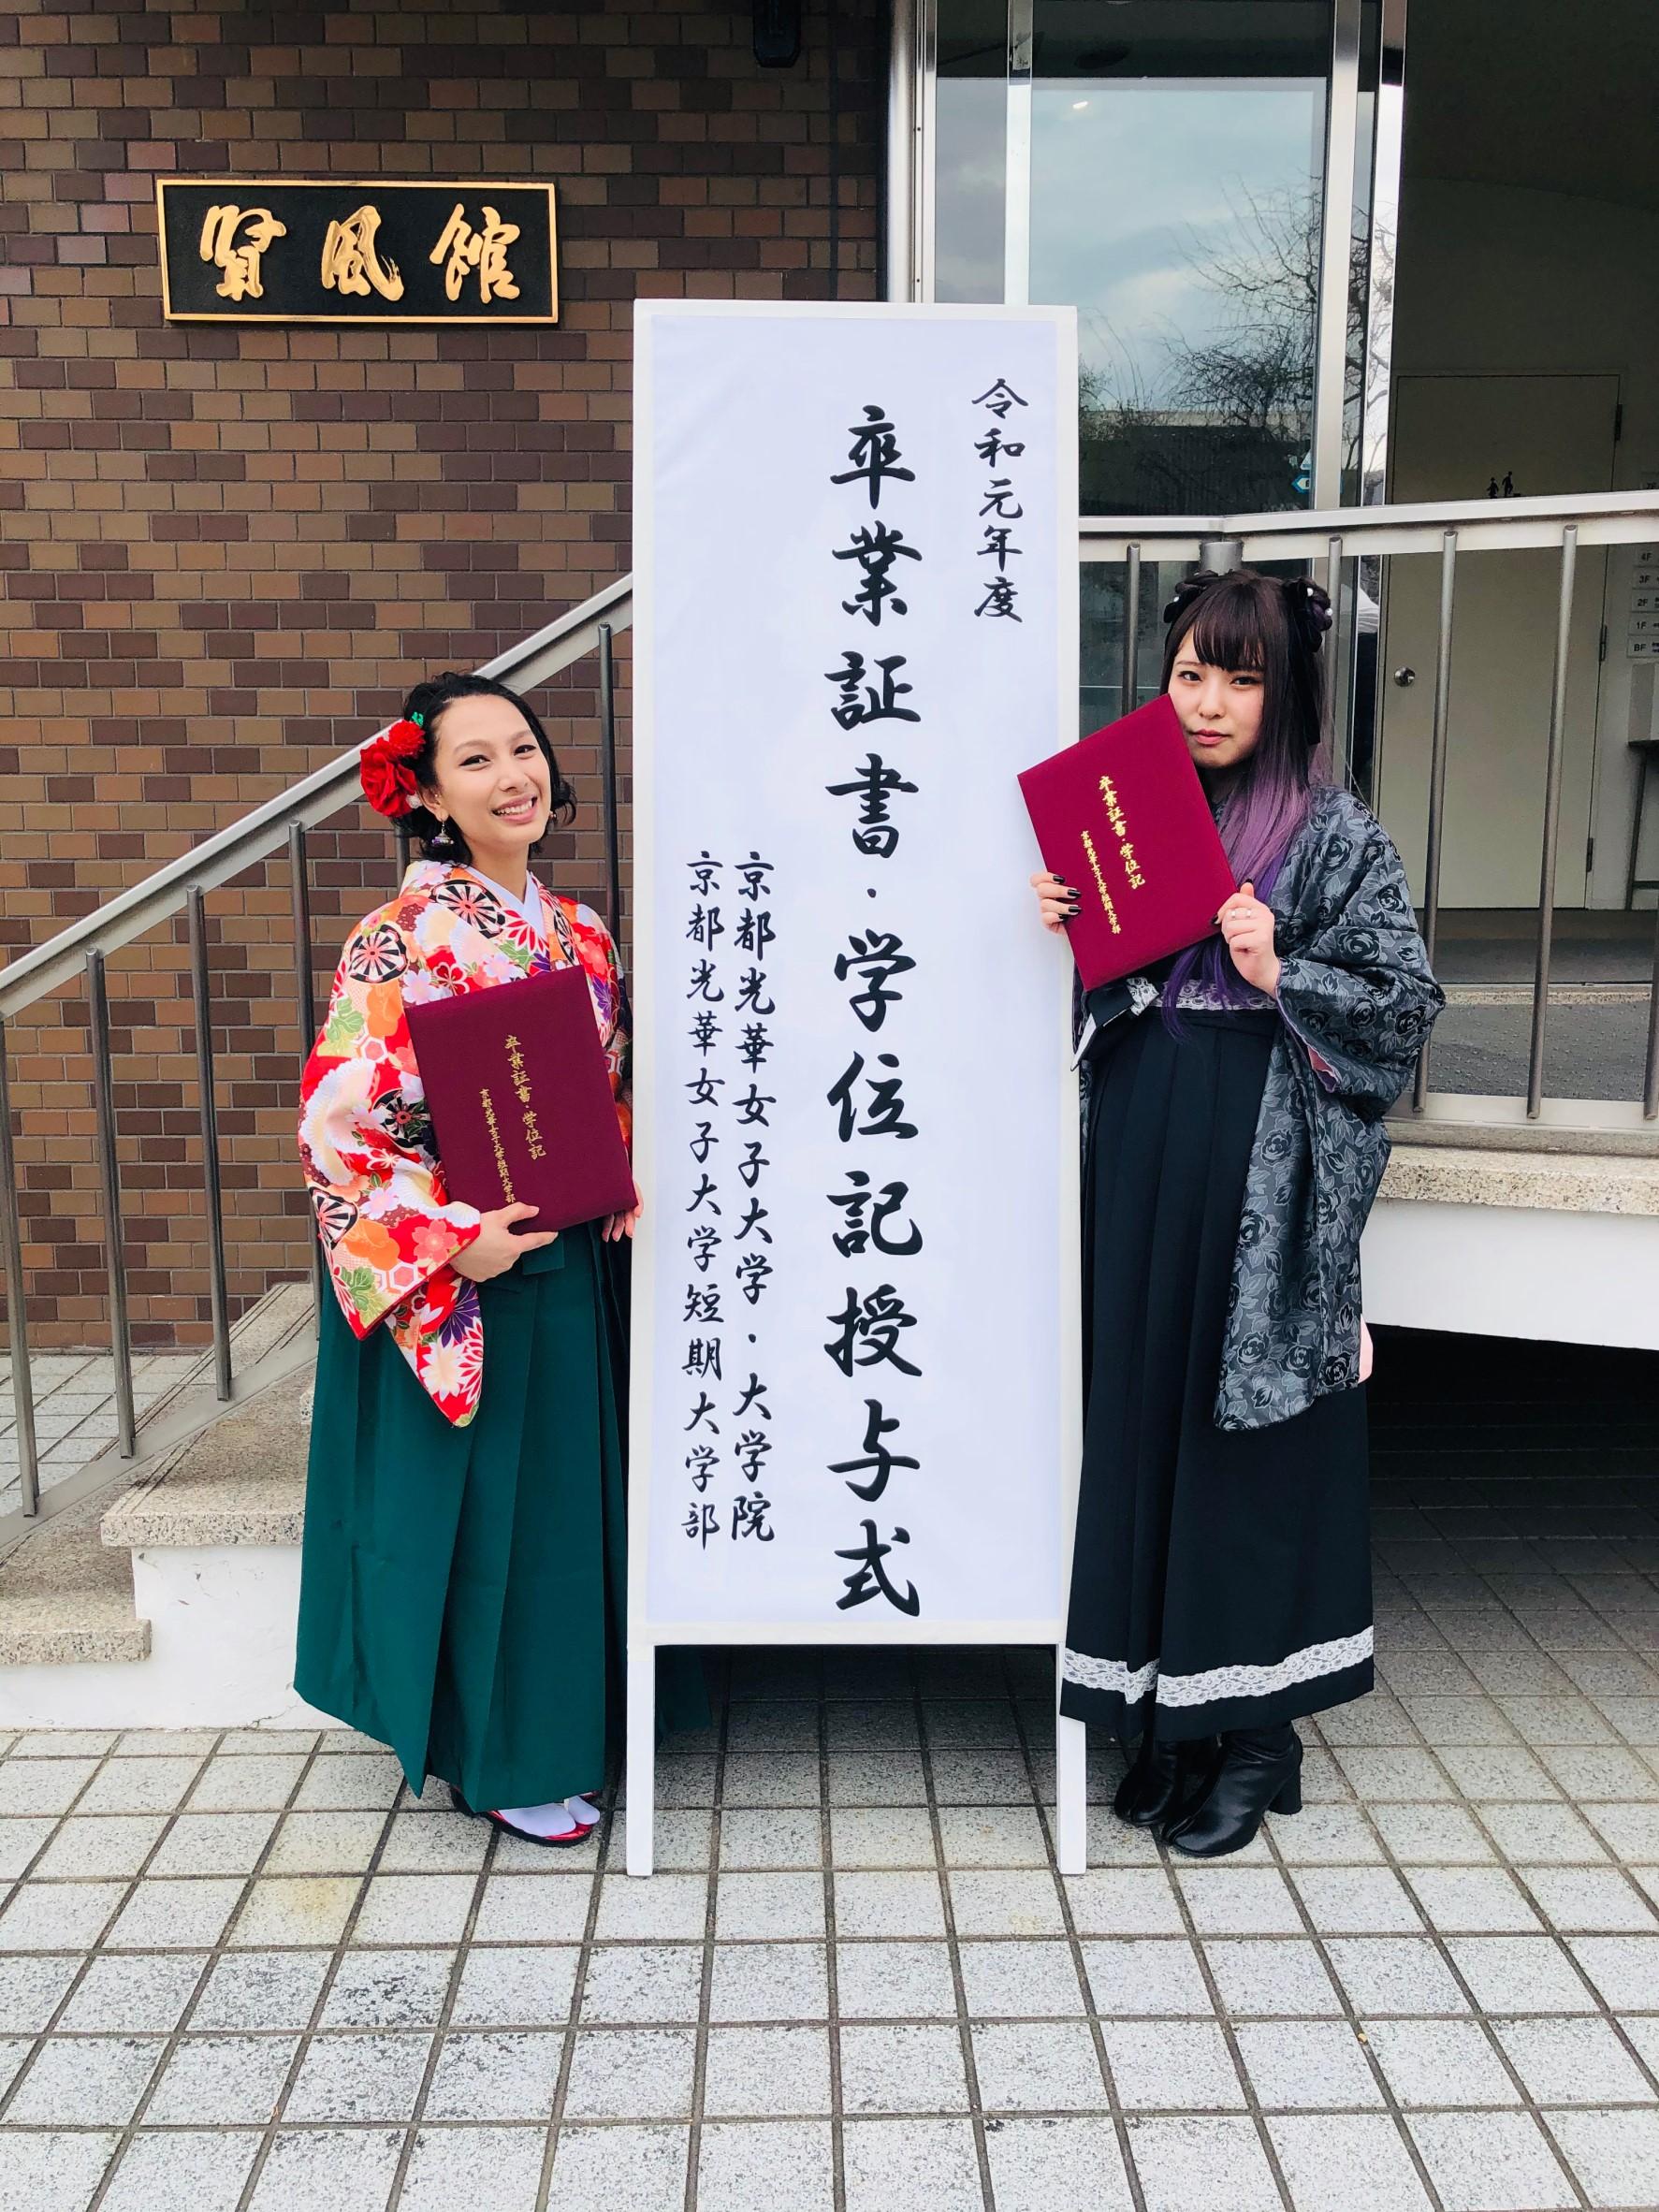 袴レンタル始めましたぁ♡2020年3月19日14